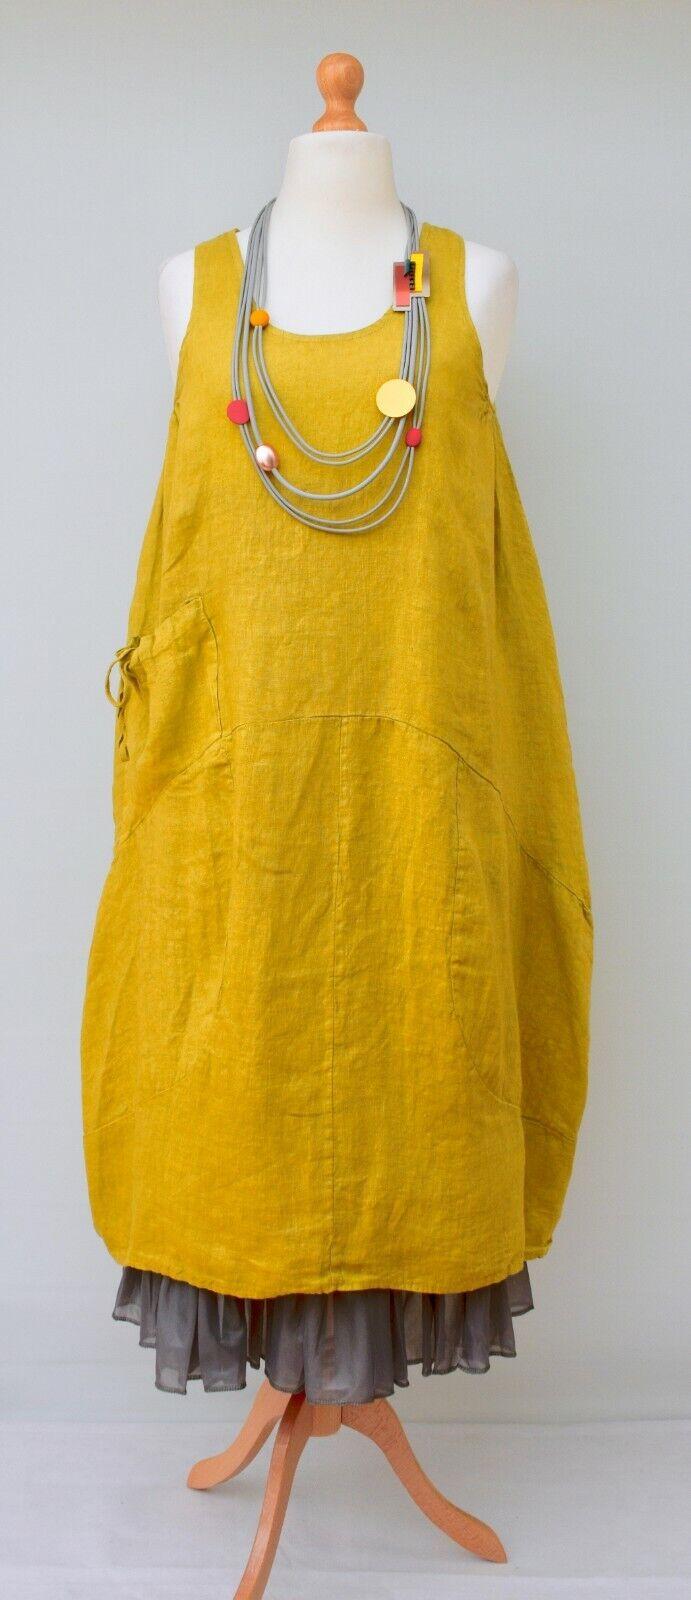 Lagenguarda ÜberGröße Italienisches Leinen Luftbtuttion Einfargree Lang Kleid gituttio